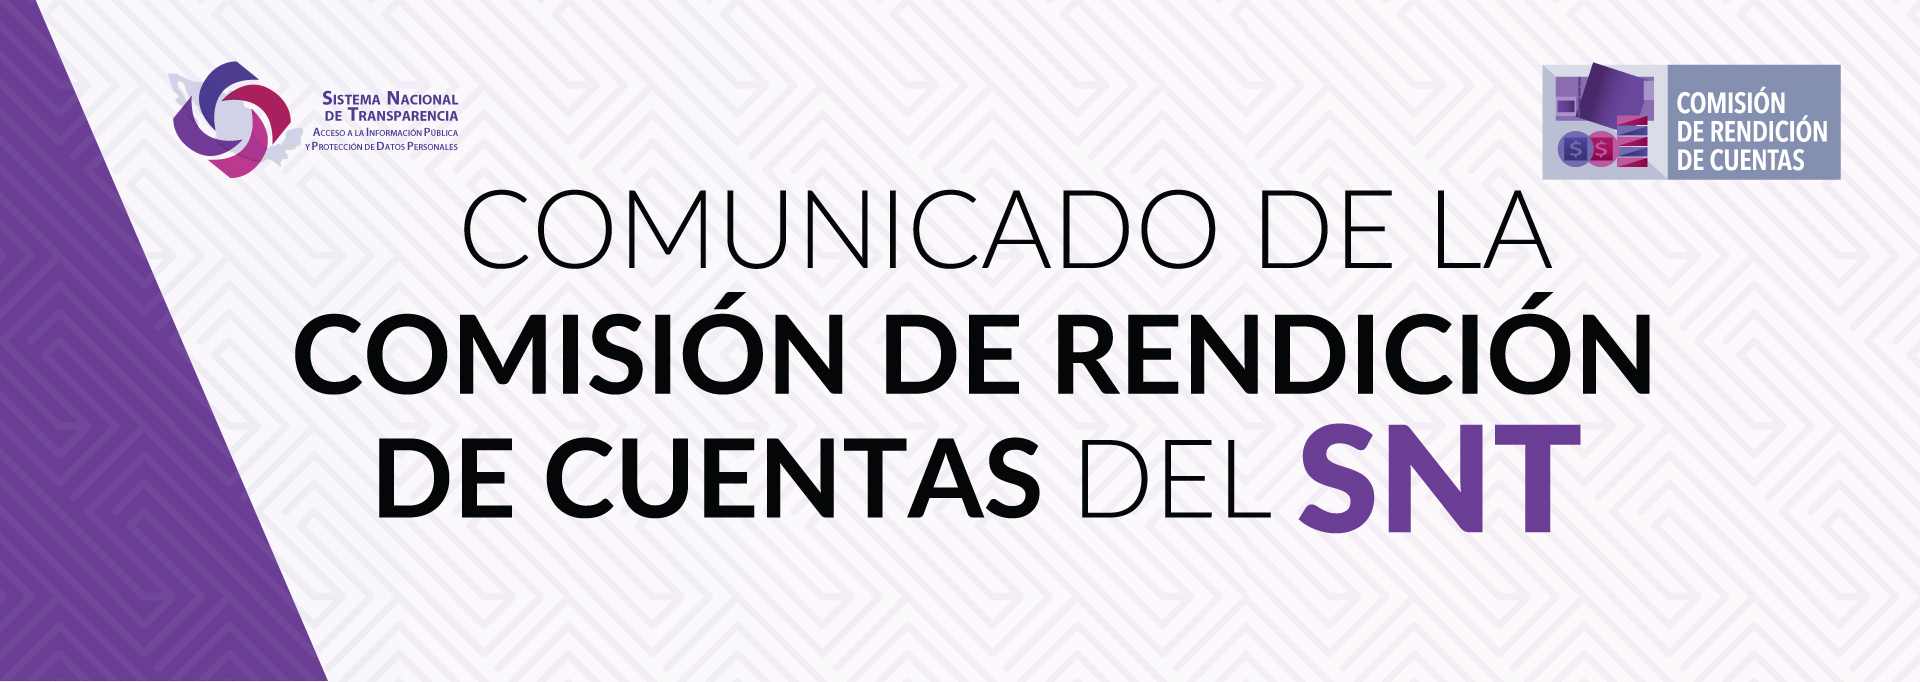 COMUNICADO DE LA COMISIÓN DE RENDICIÓN DE CUENTAS DEL SISTEMA NACIONAL DE TRANSPARENCIA